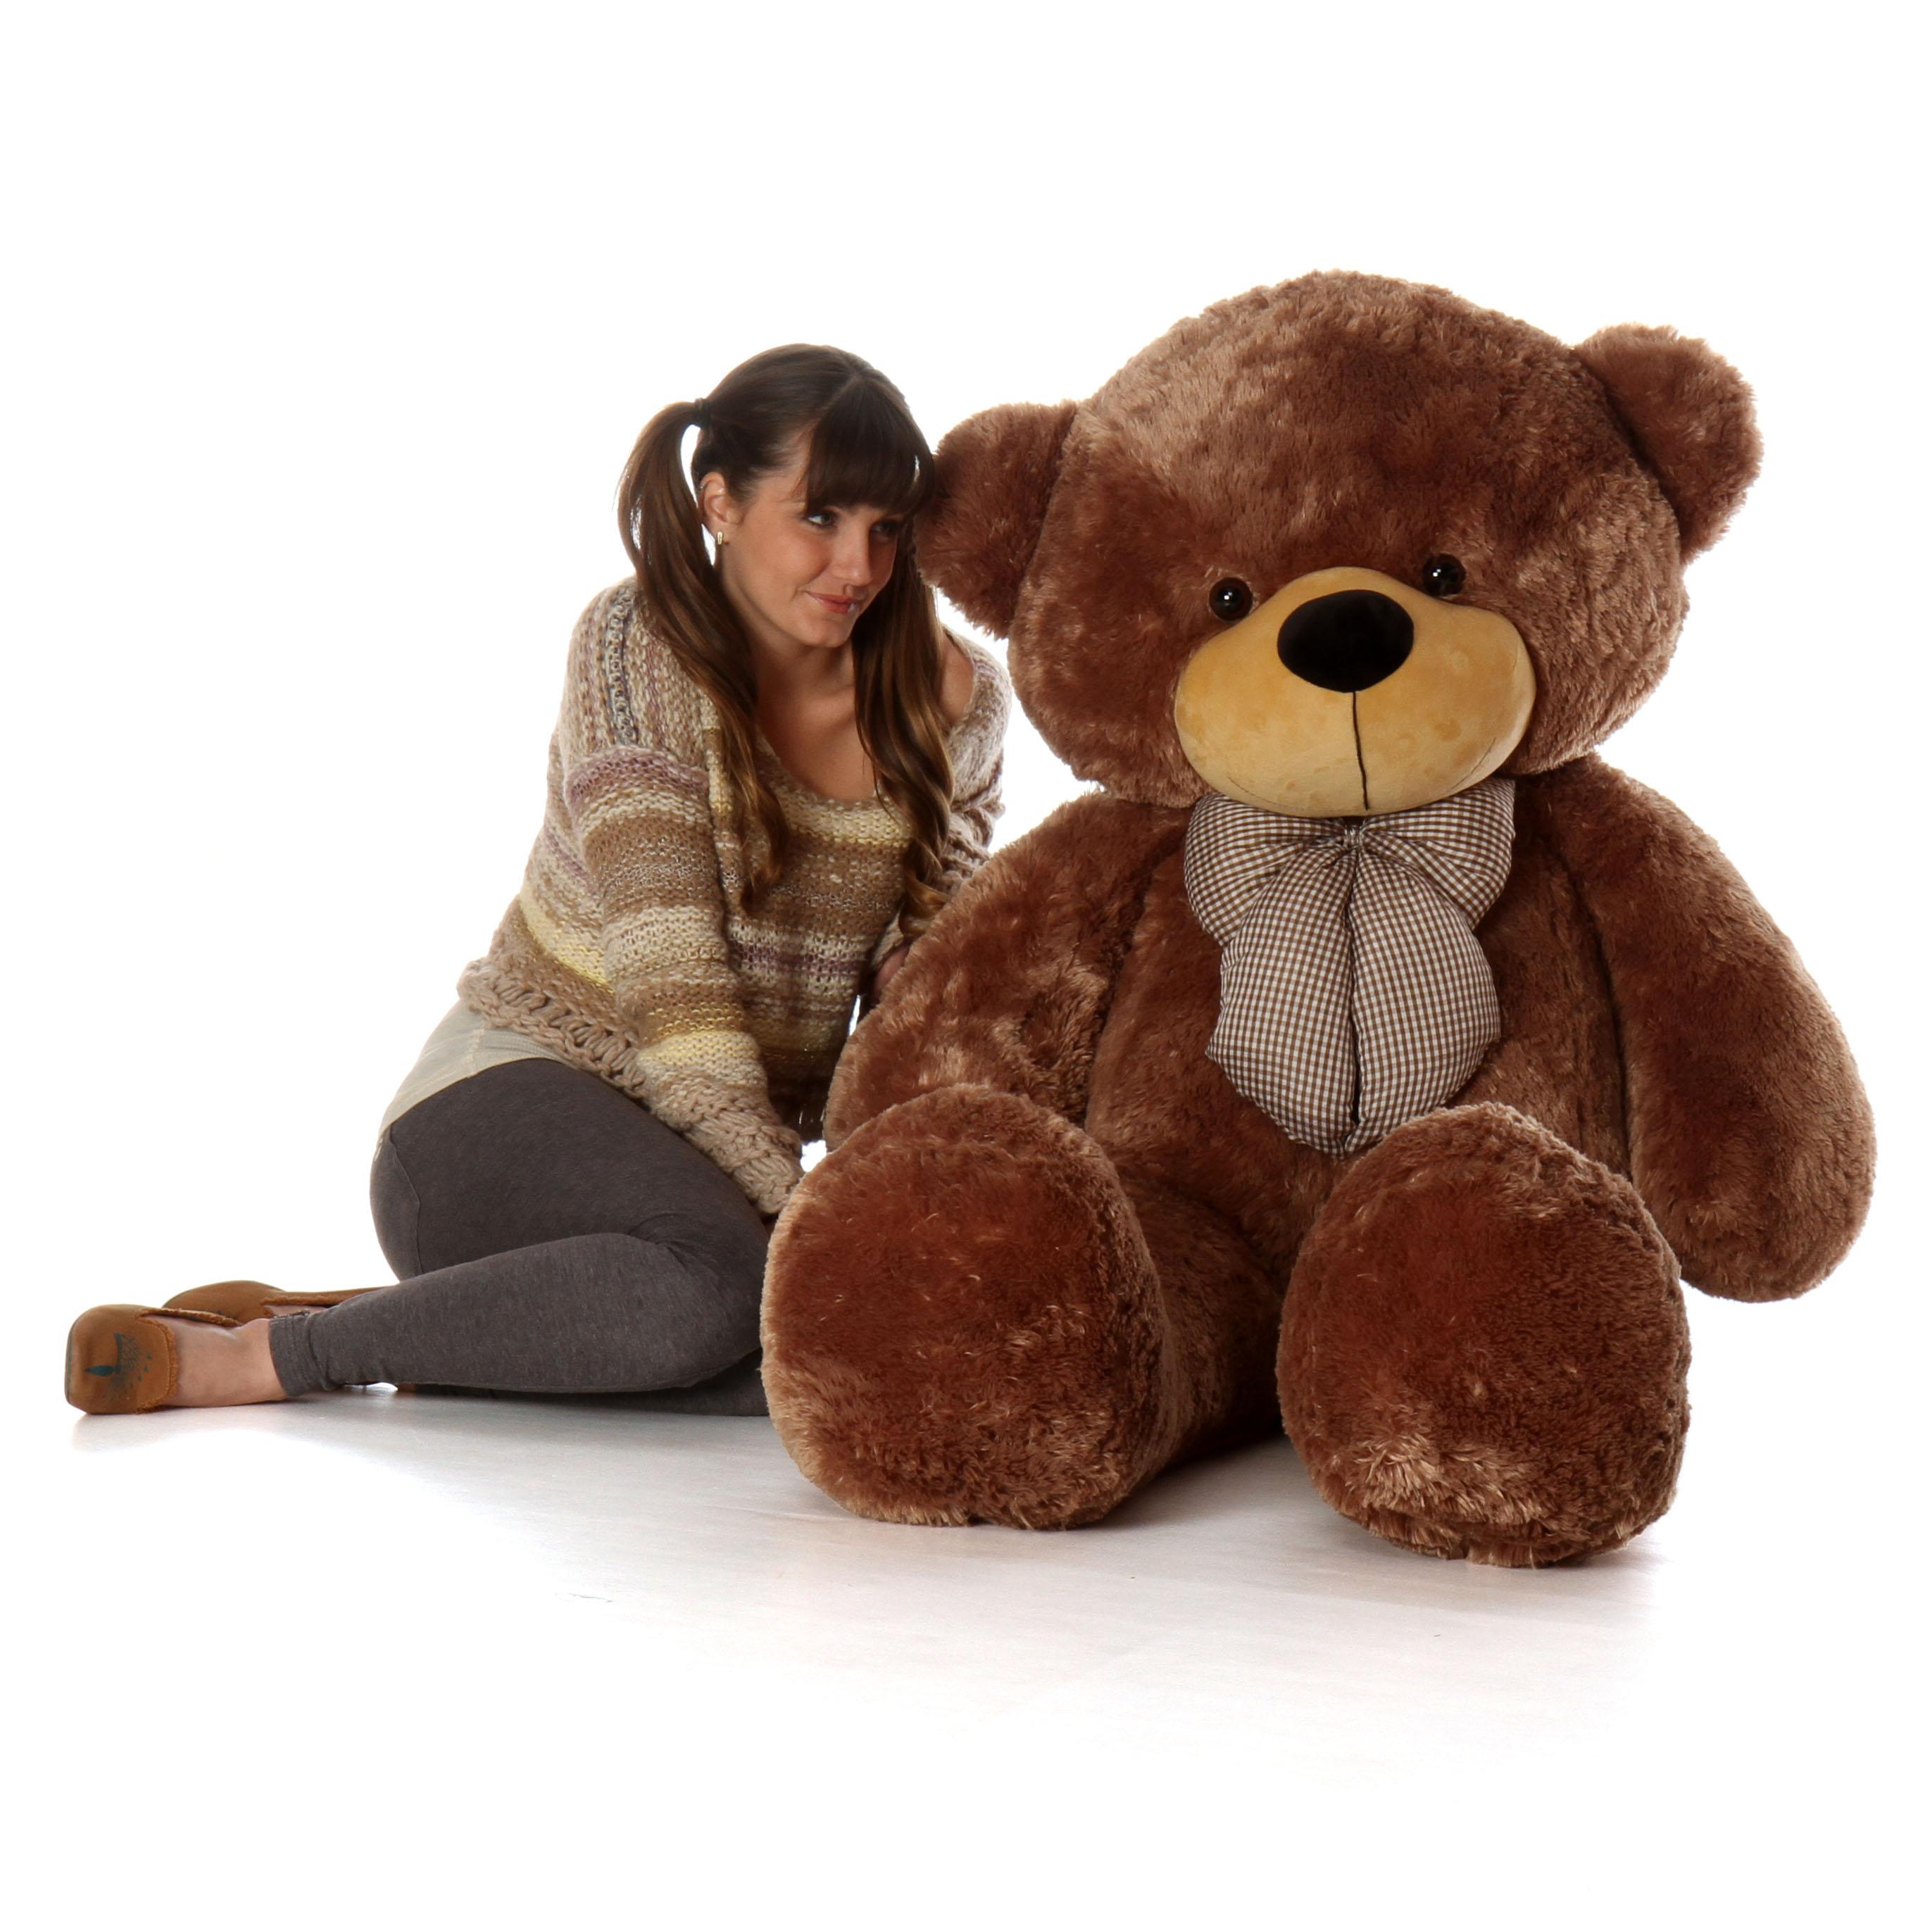 life-size-mocha-brown-teddy-bear-sunny-cuddles-60in.jpg